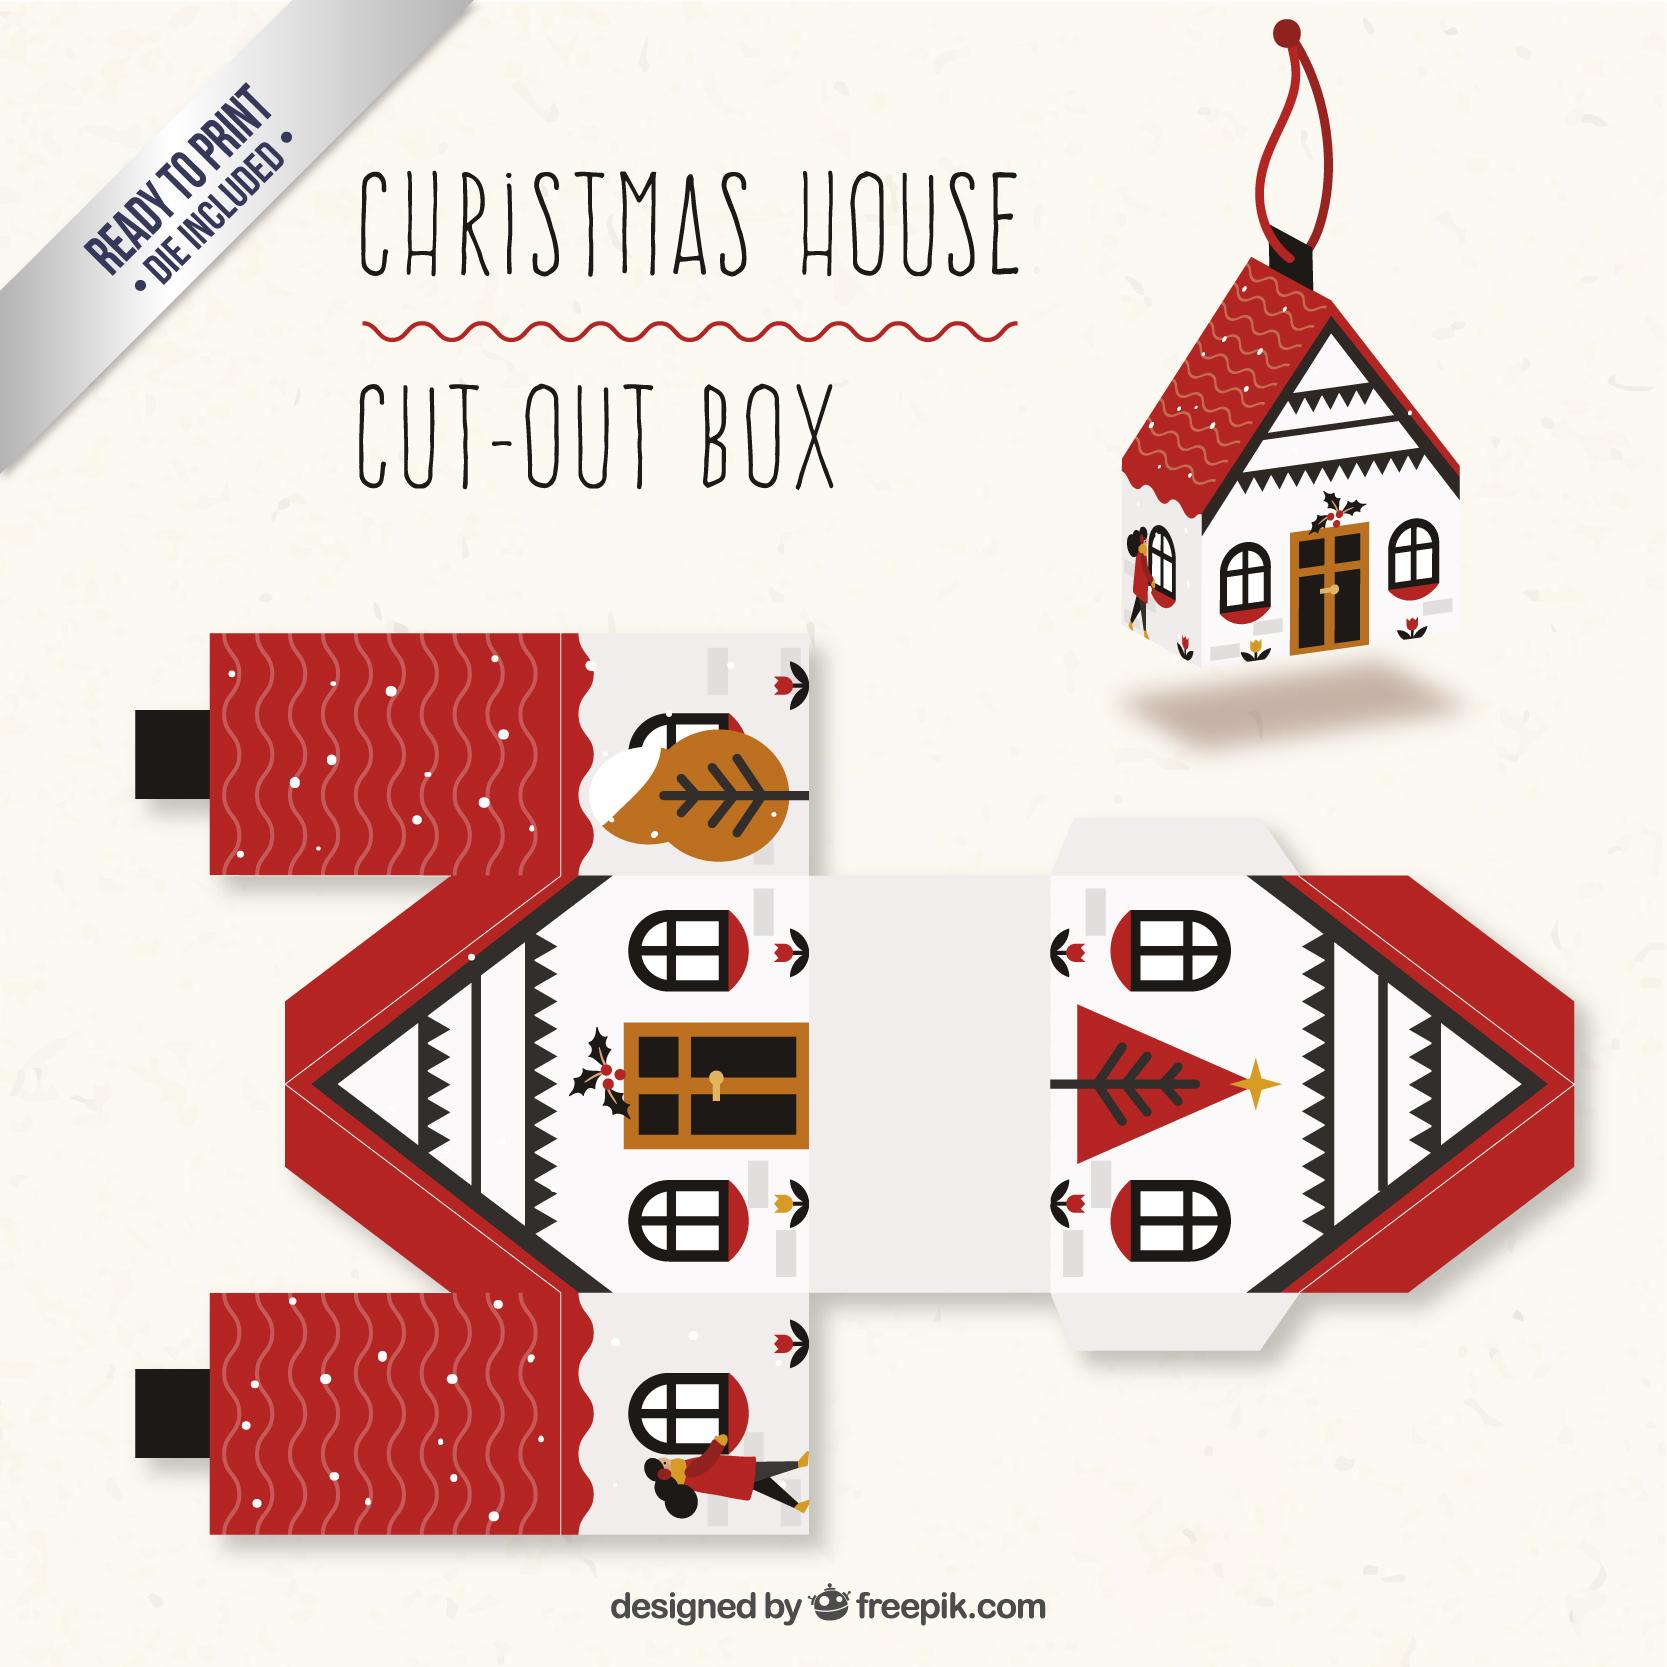 クリスマスのお家のオリジナルギフトボックス